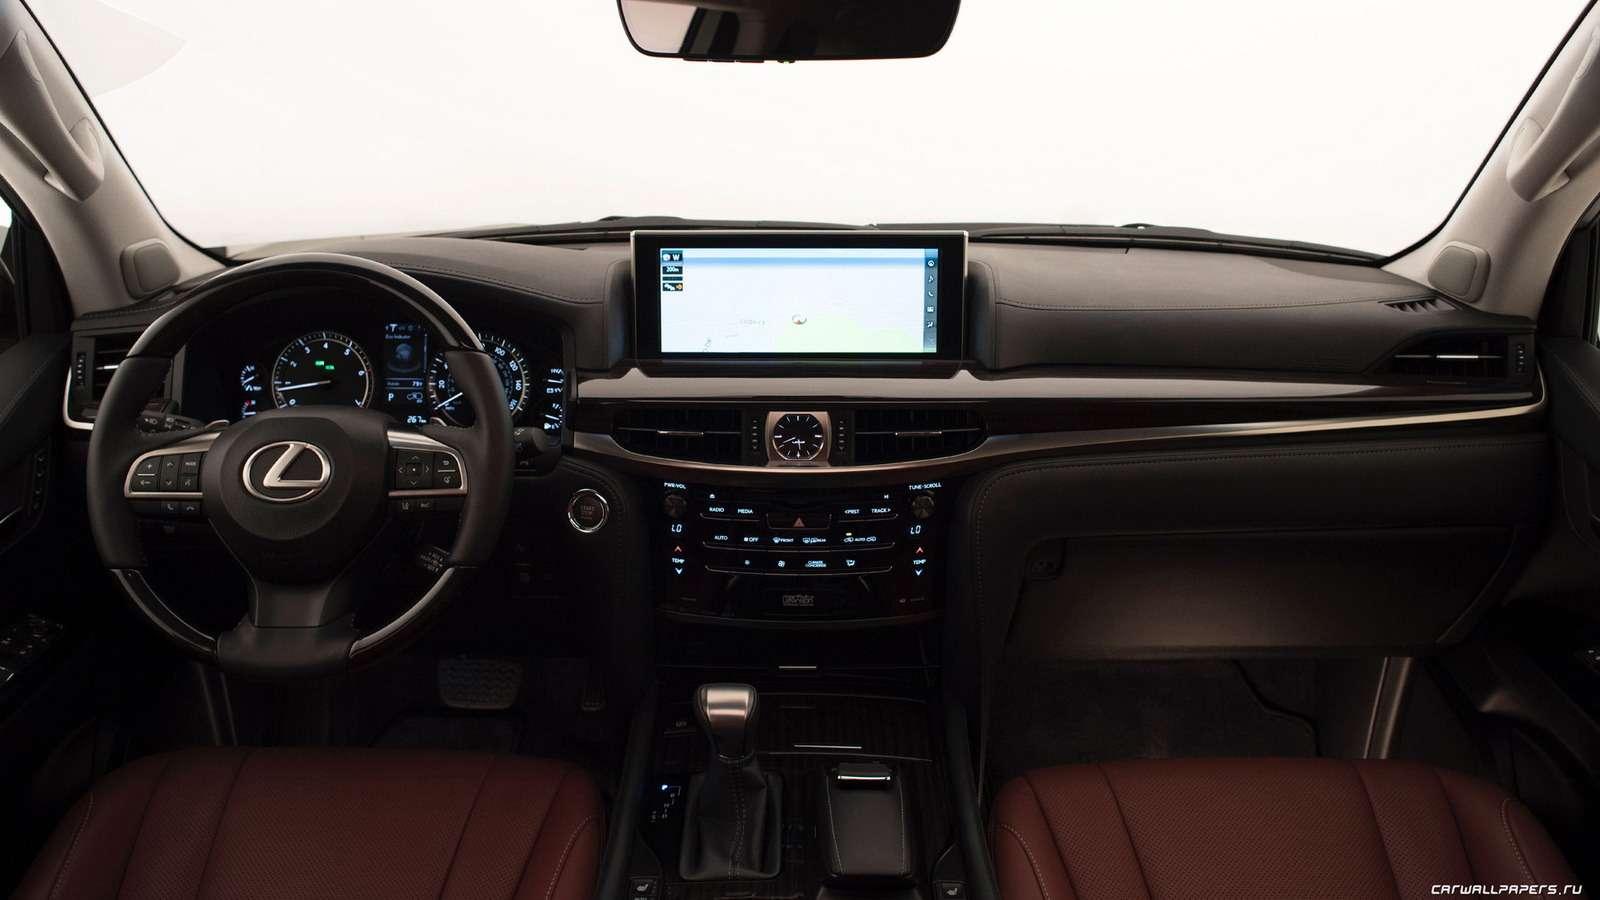 Lexus-LX-570-2016-2560x1440-017_новый размер